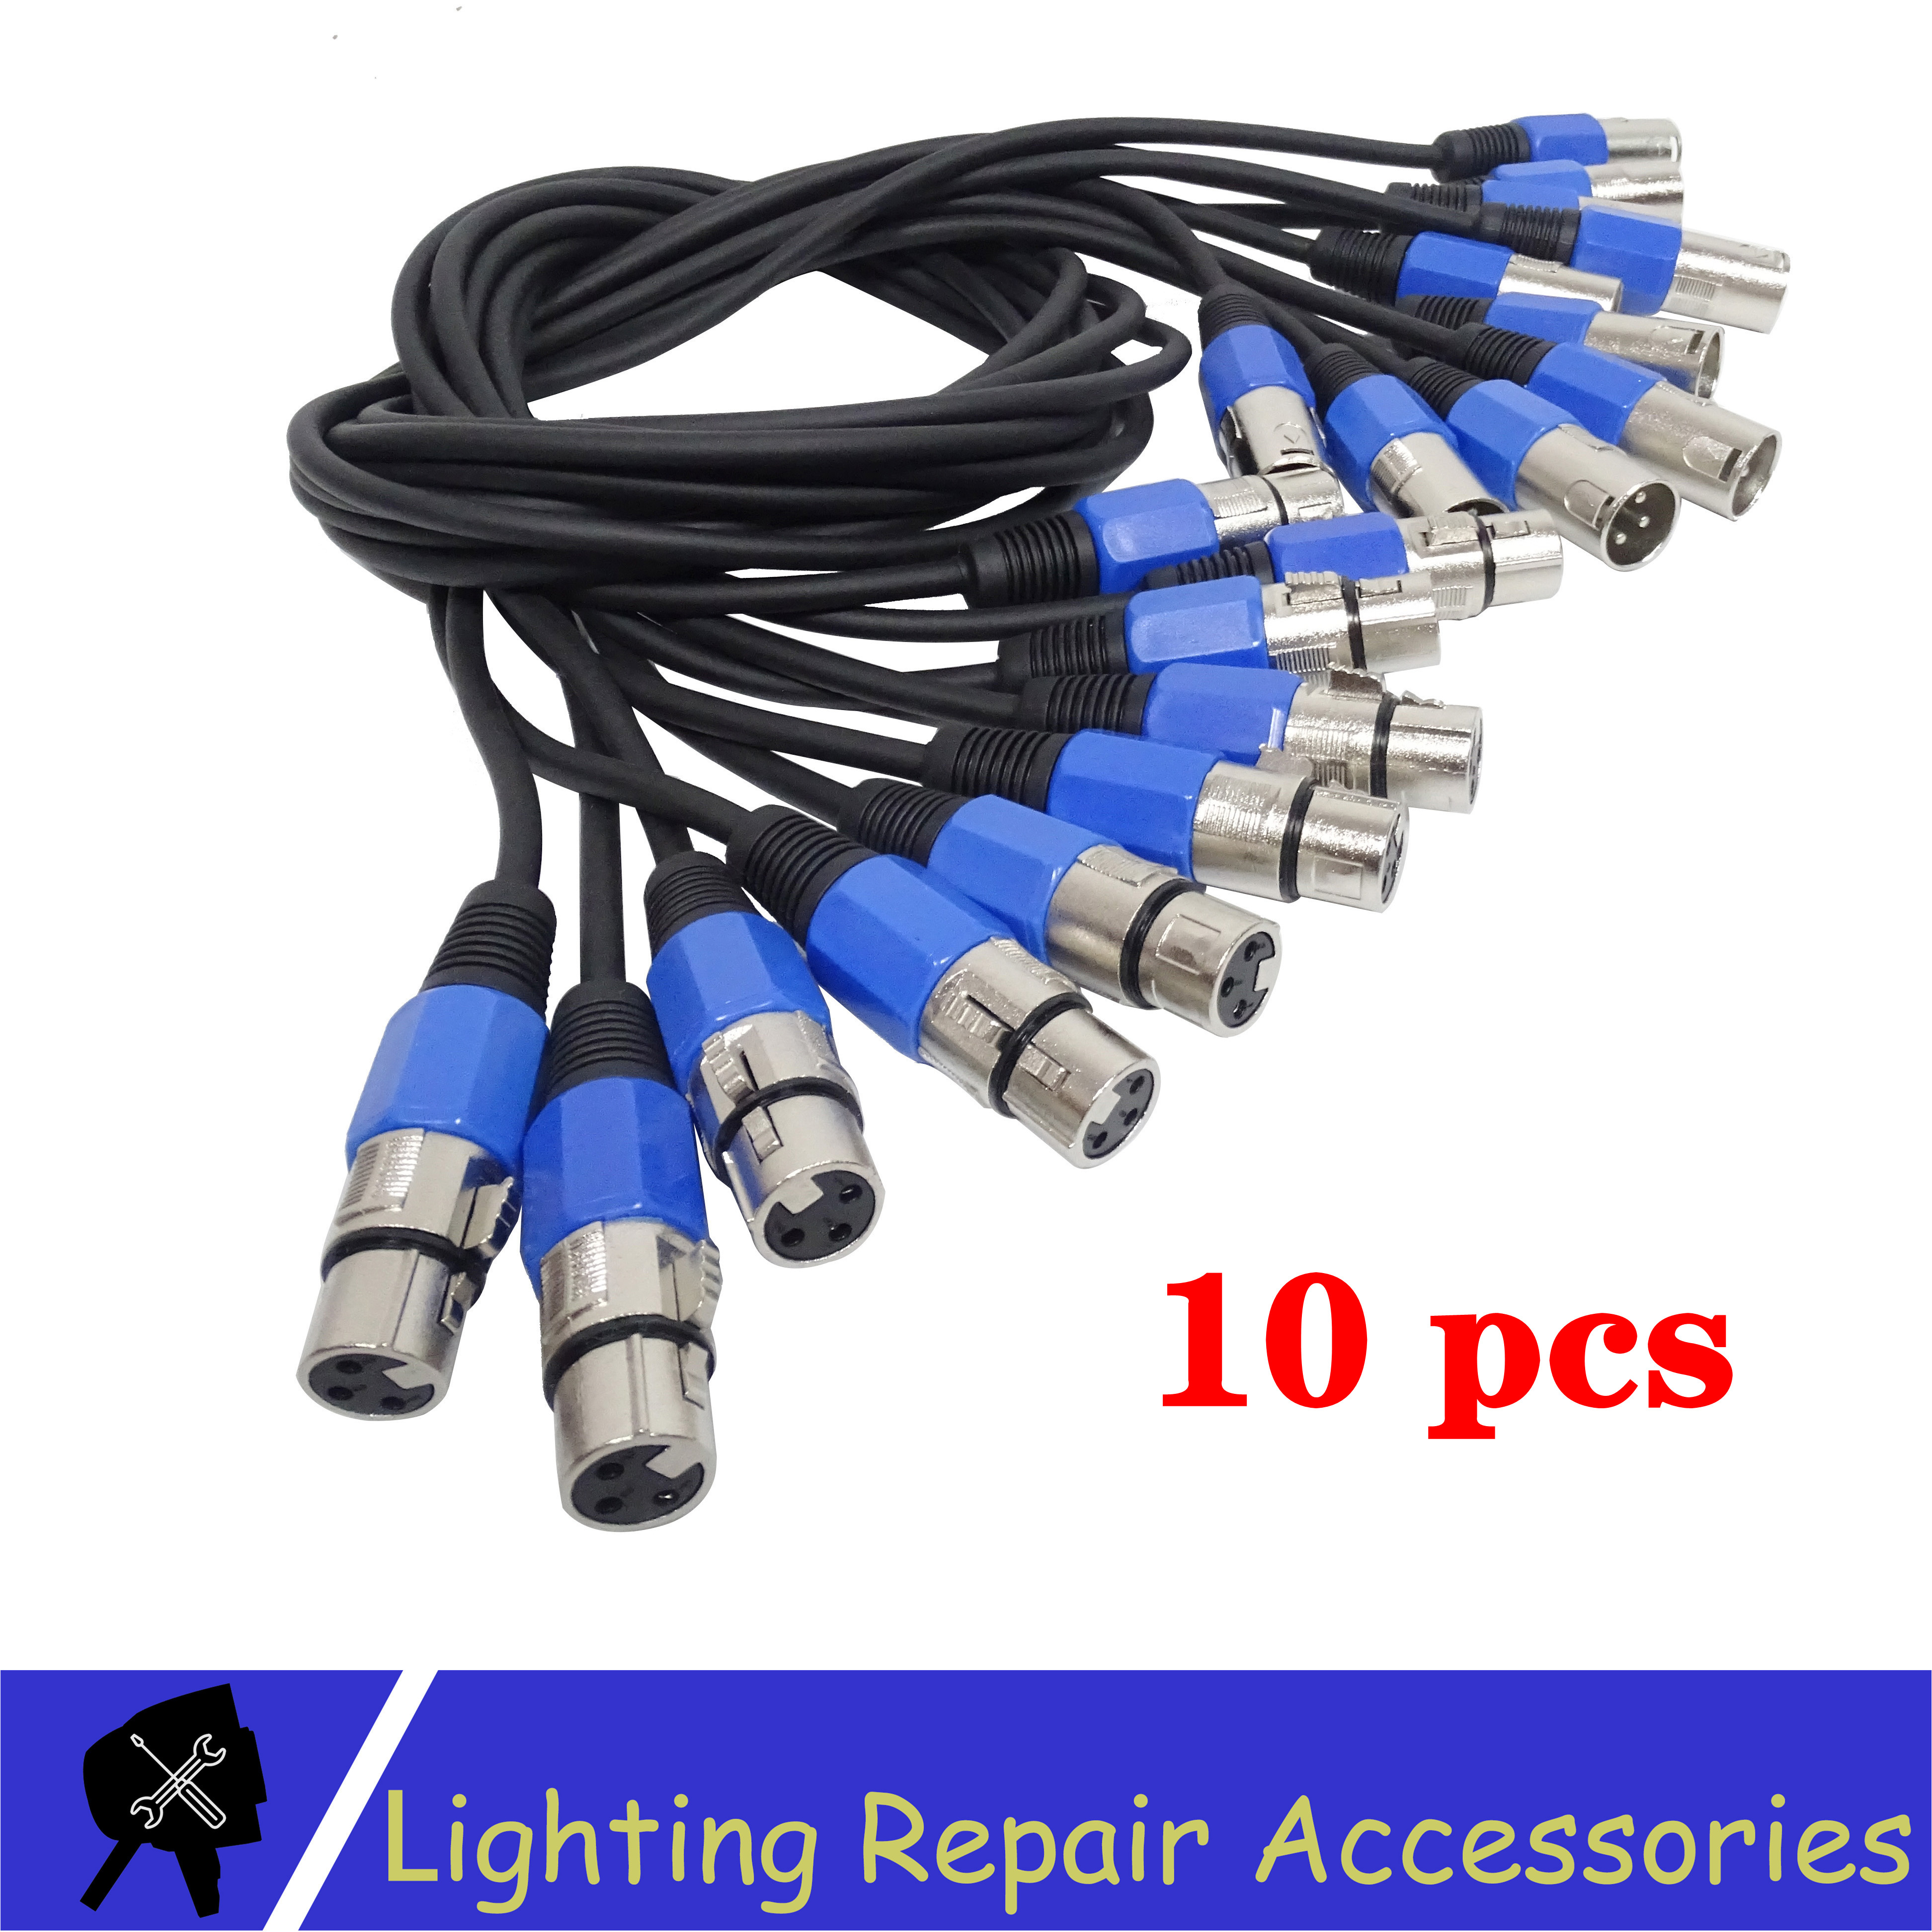 Freies Steuer 10 teile/lose 3-PIN DMX Kabel 1 M/2 M/3 M/5 M /10M Led Par Licht Verbindung Kabel DMX Signal Linie Verwendet Für Bühne Licht